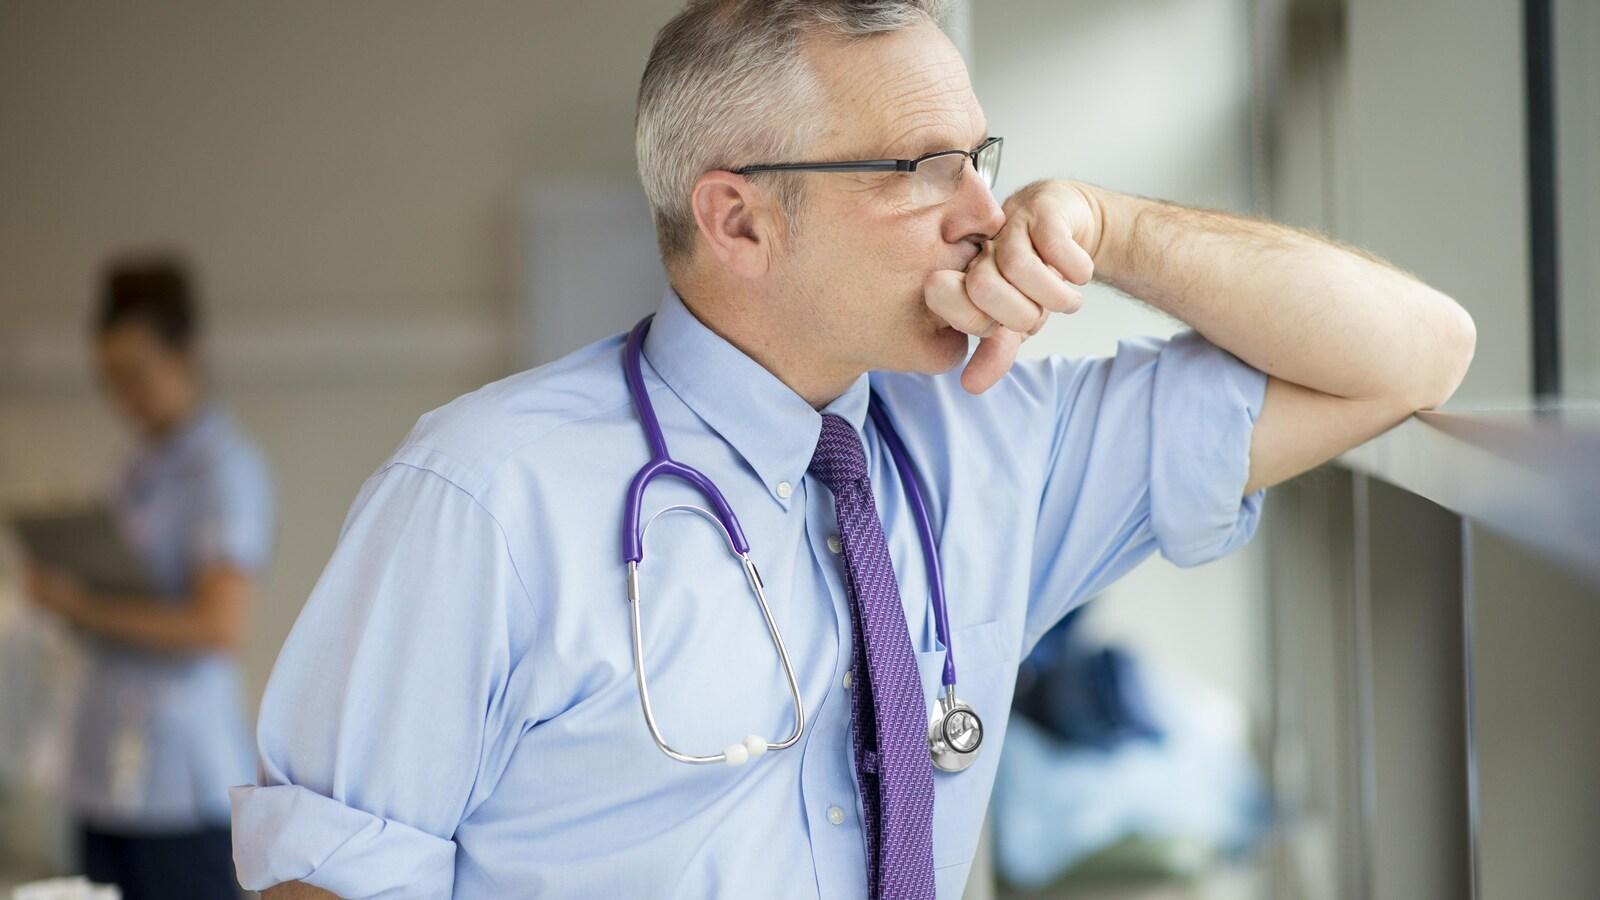 Un médecin épuisé prend une pause pour regarder dans le néant.